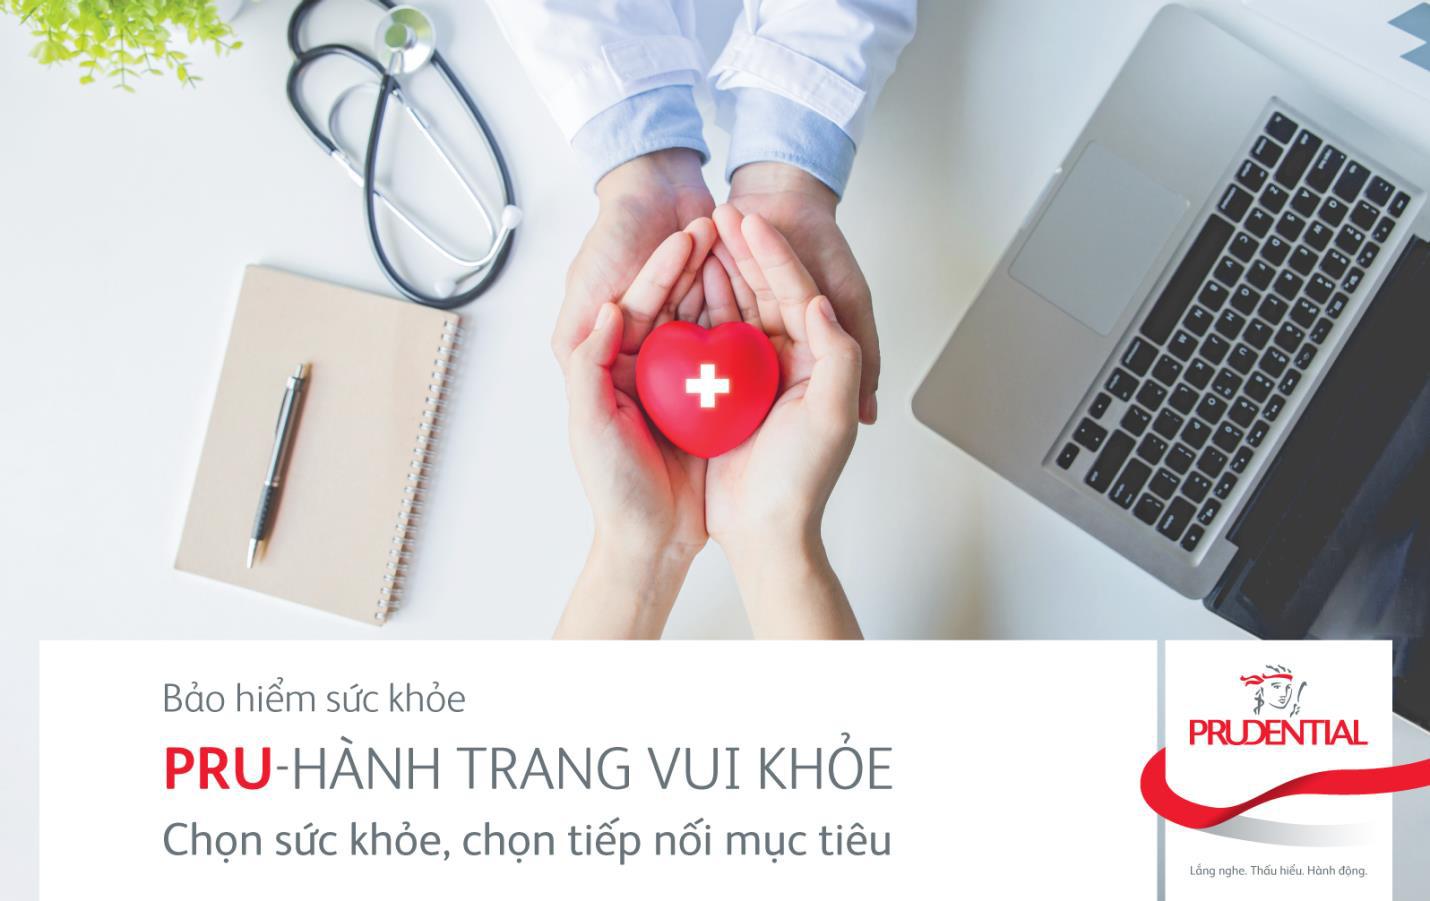 Prudential lần đầu giới thiệu giải pháp bảo hiểm chăm sóc sức khỏe ưu việt - Ảnh 1.